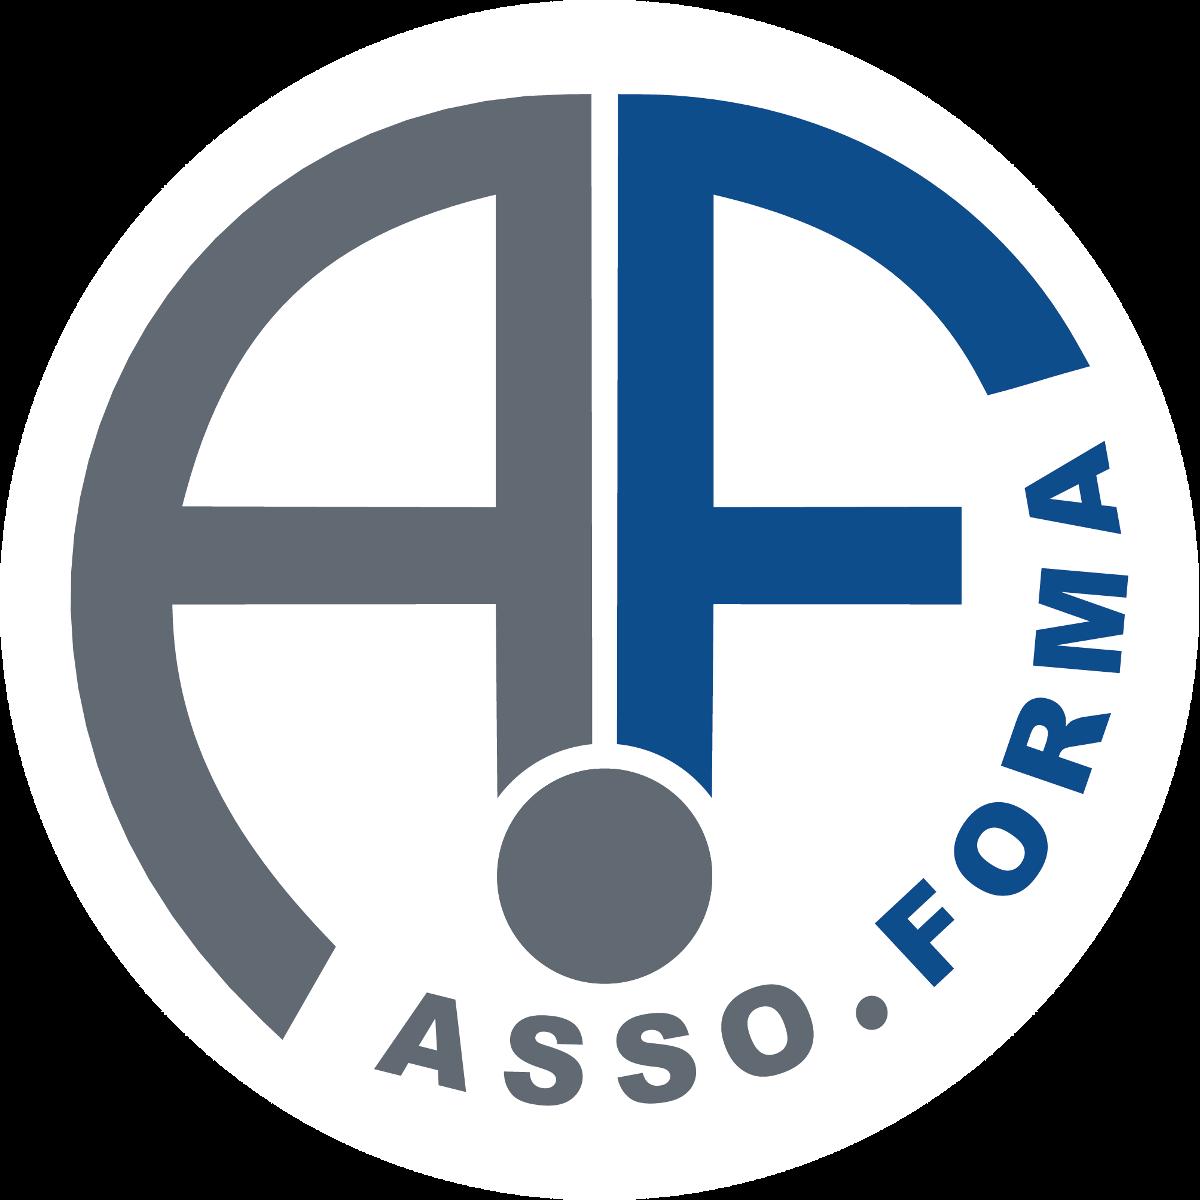 Asso.Forma – Agenzia formativa accreditata Regione Piemonte